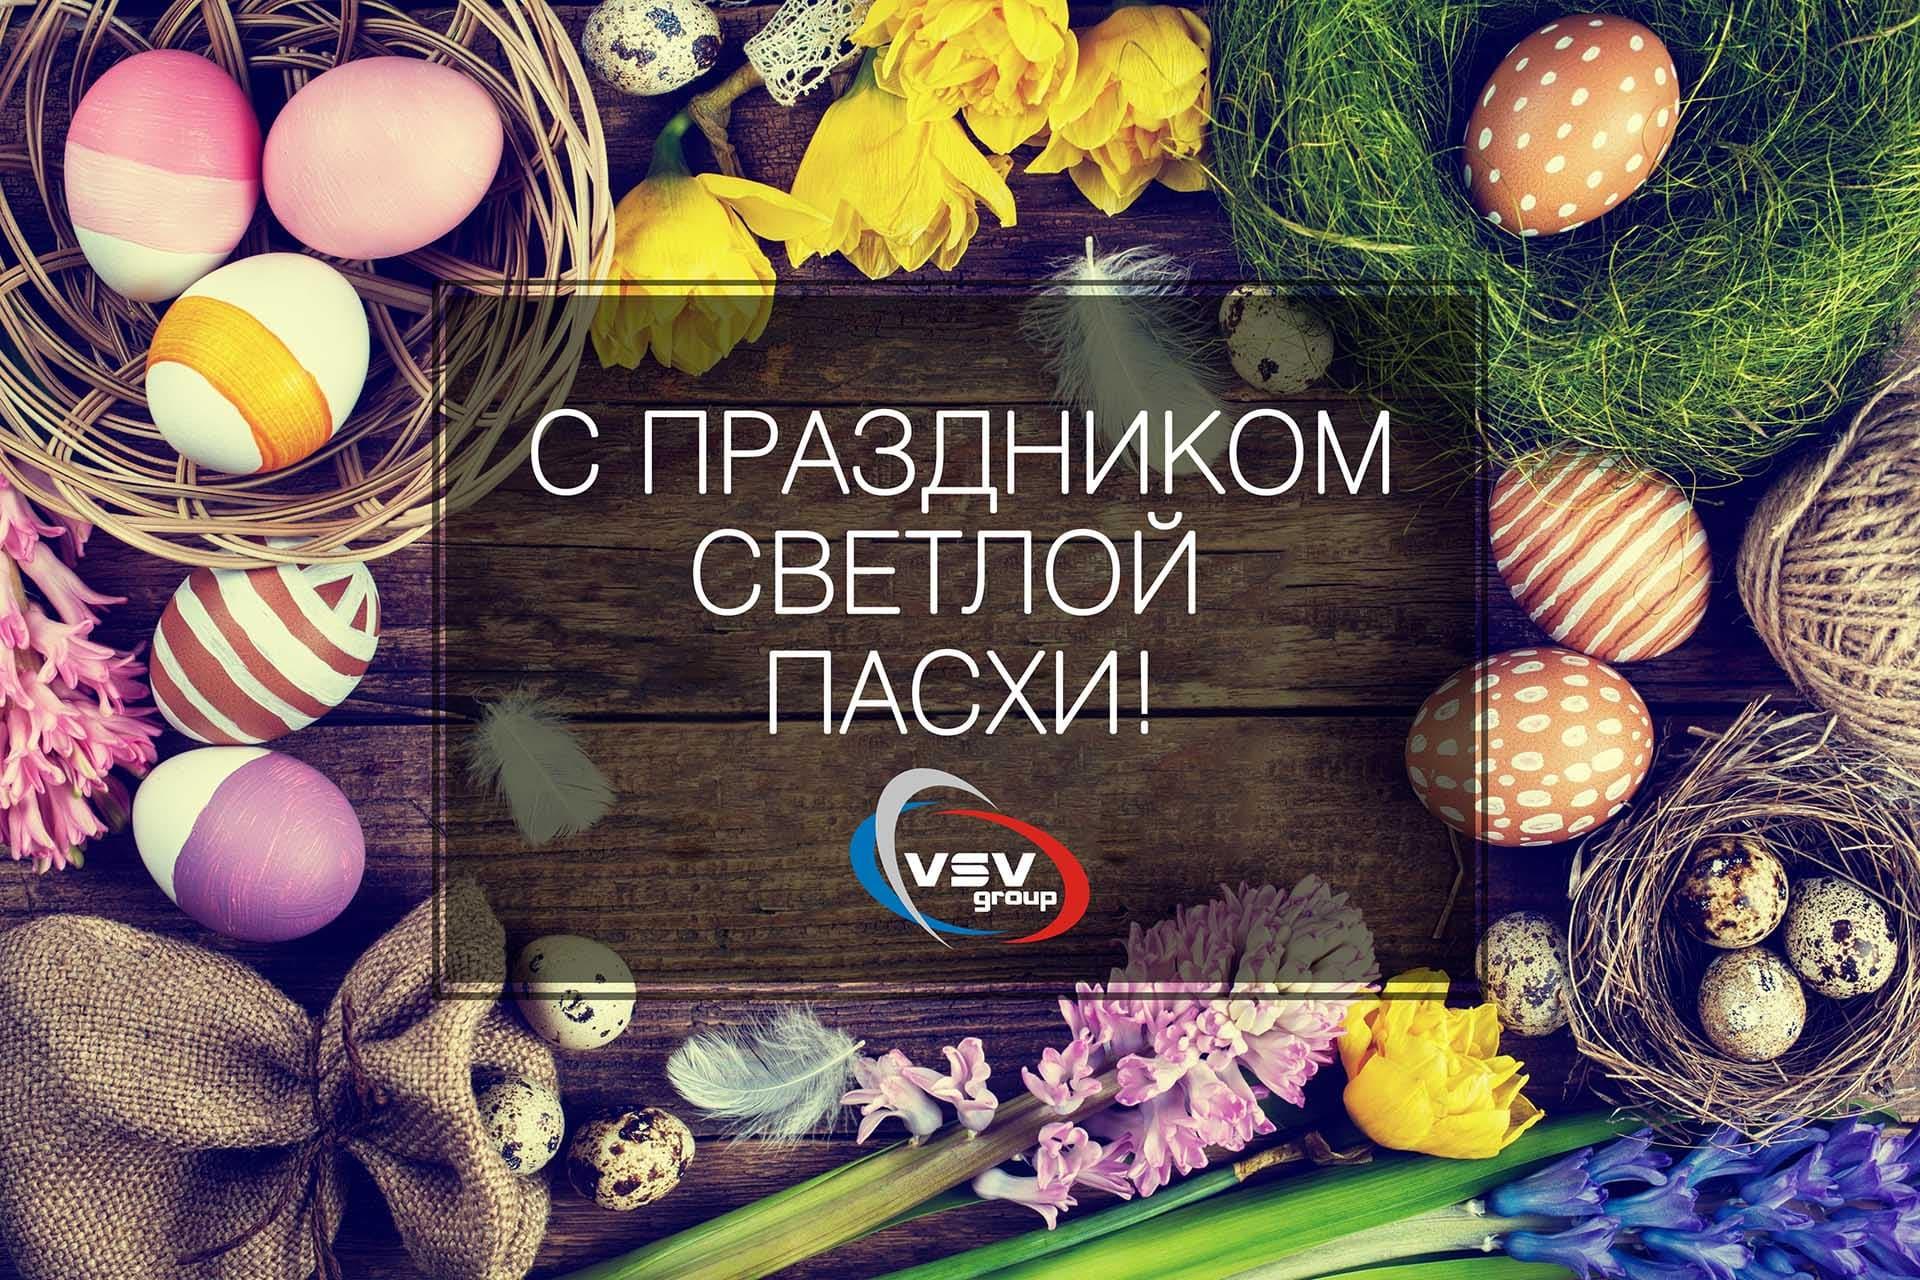 С праздником Светлой Пасхи! - фото - новость от компании ВСВ-Групп